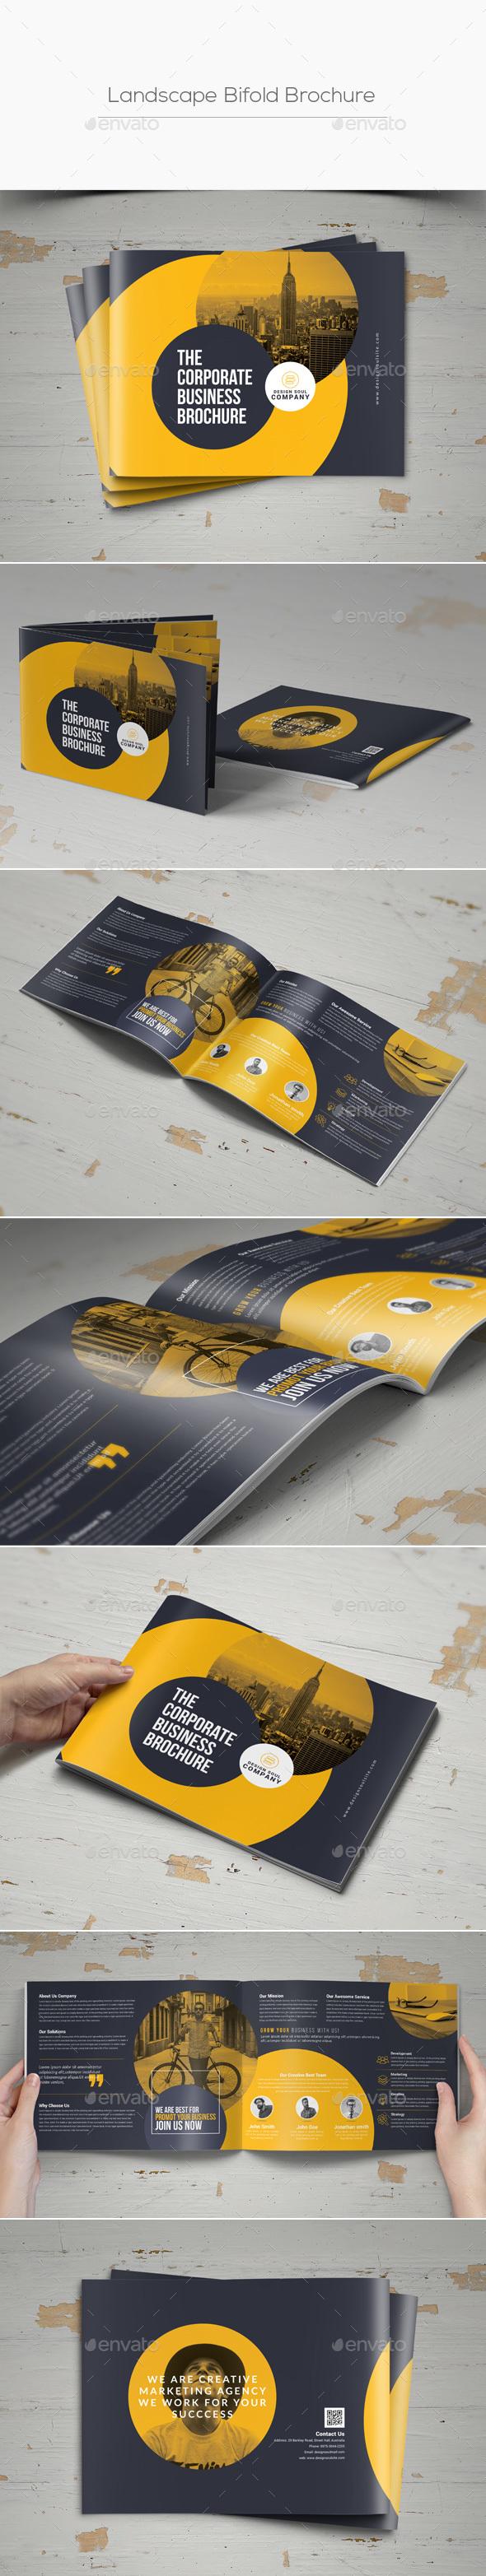 Landscape Bifold Brochure - Corporate Brochures